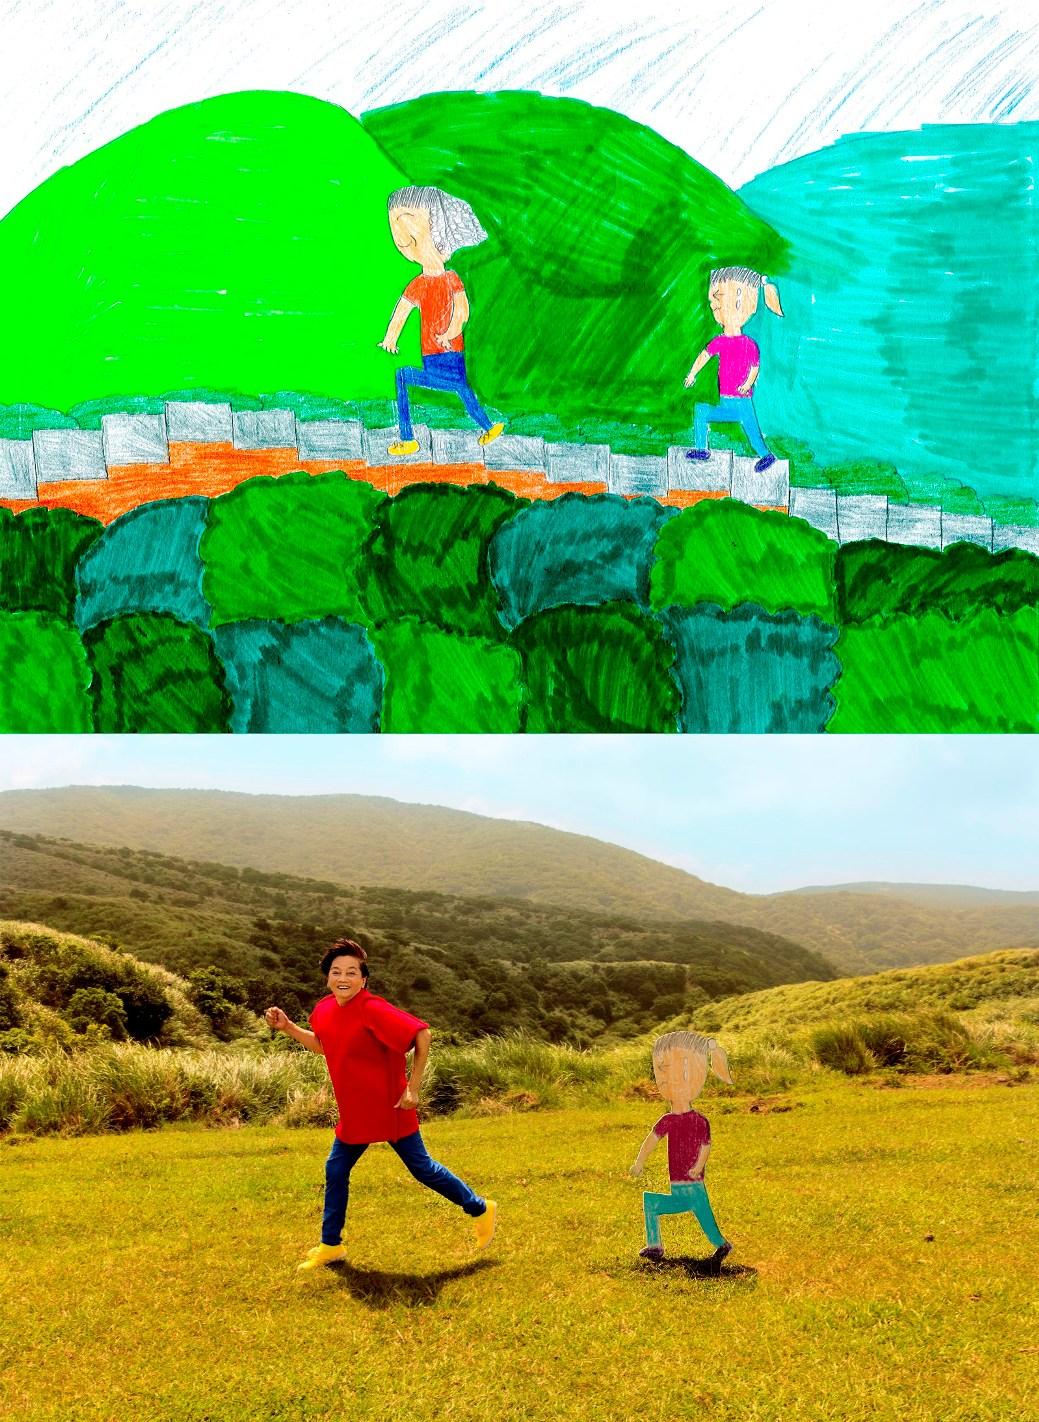 台灣小朋友畫出爺爺奶奶退休後的生活,設計師將畫作變成真實場景(請註明攝影師趙淇)